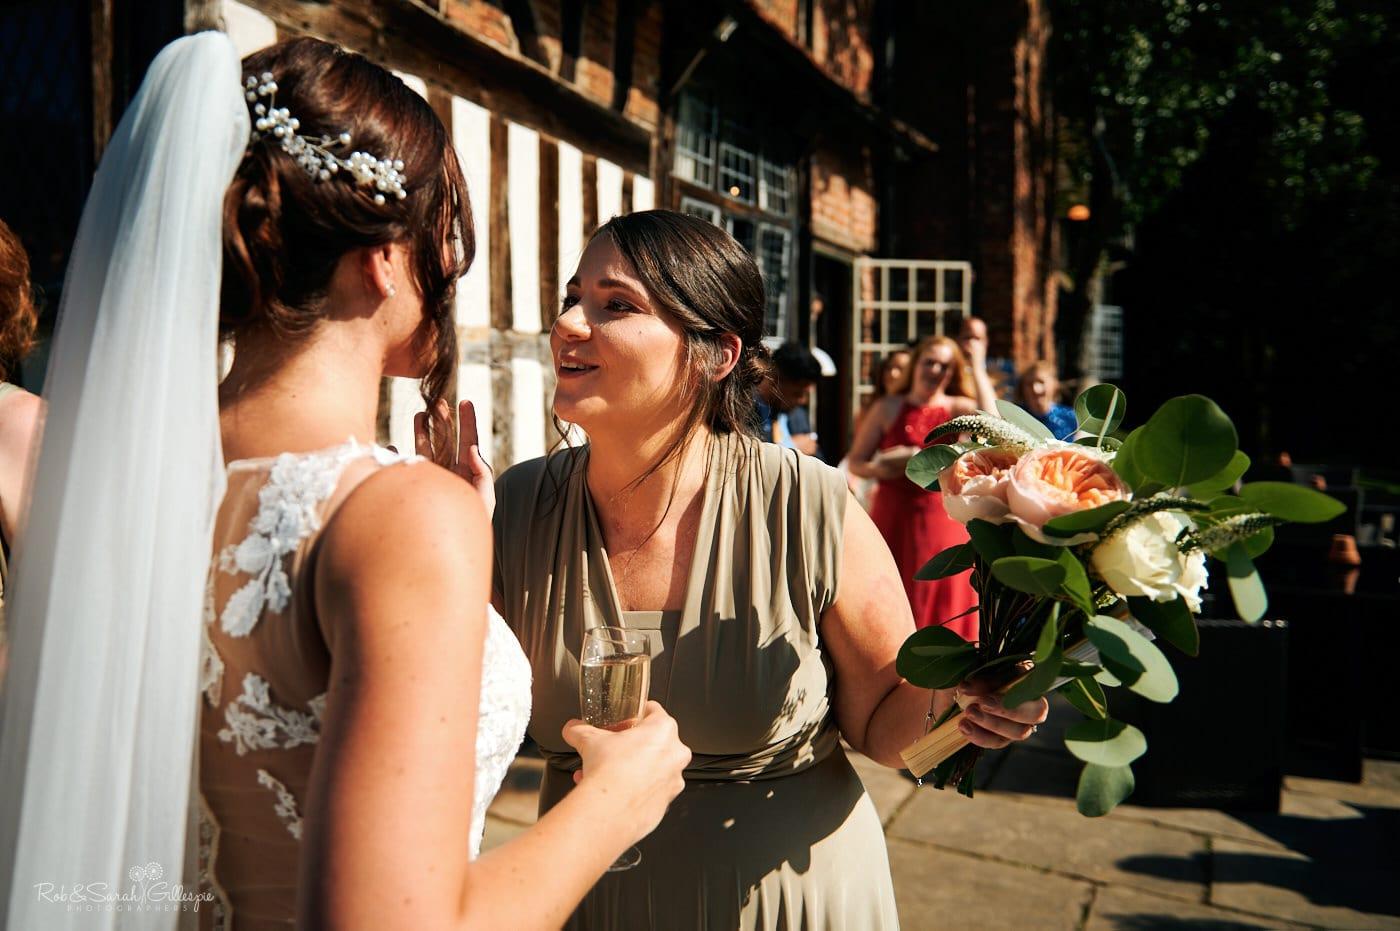 Wedding guests congratulate bride after ceremony